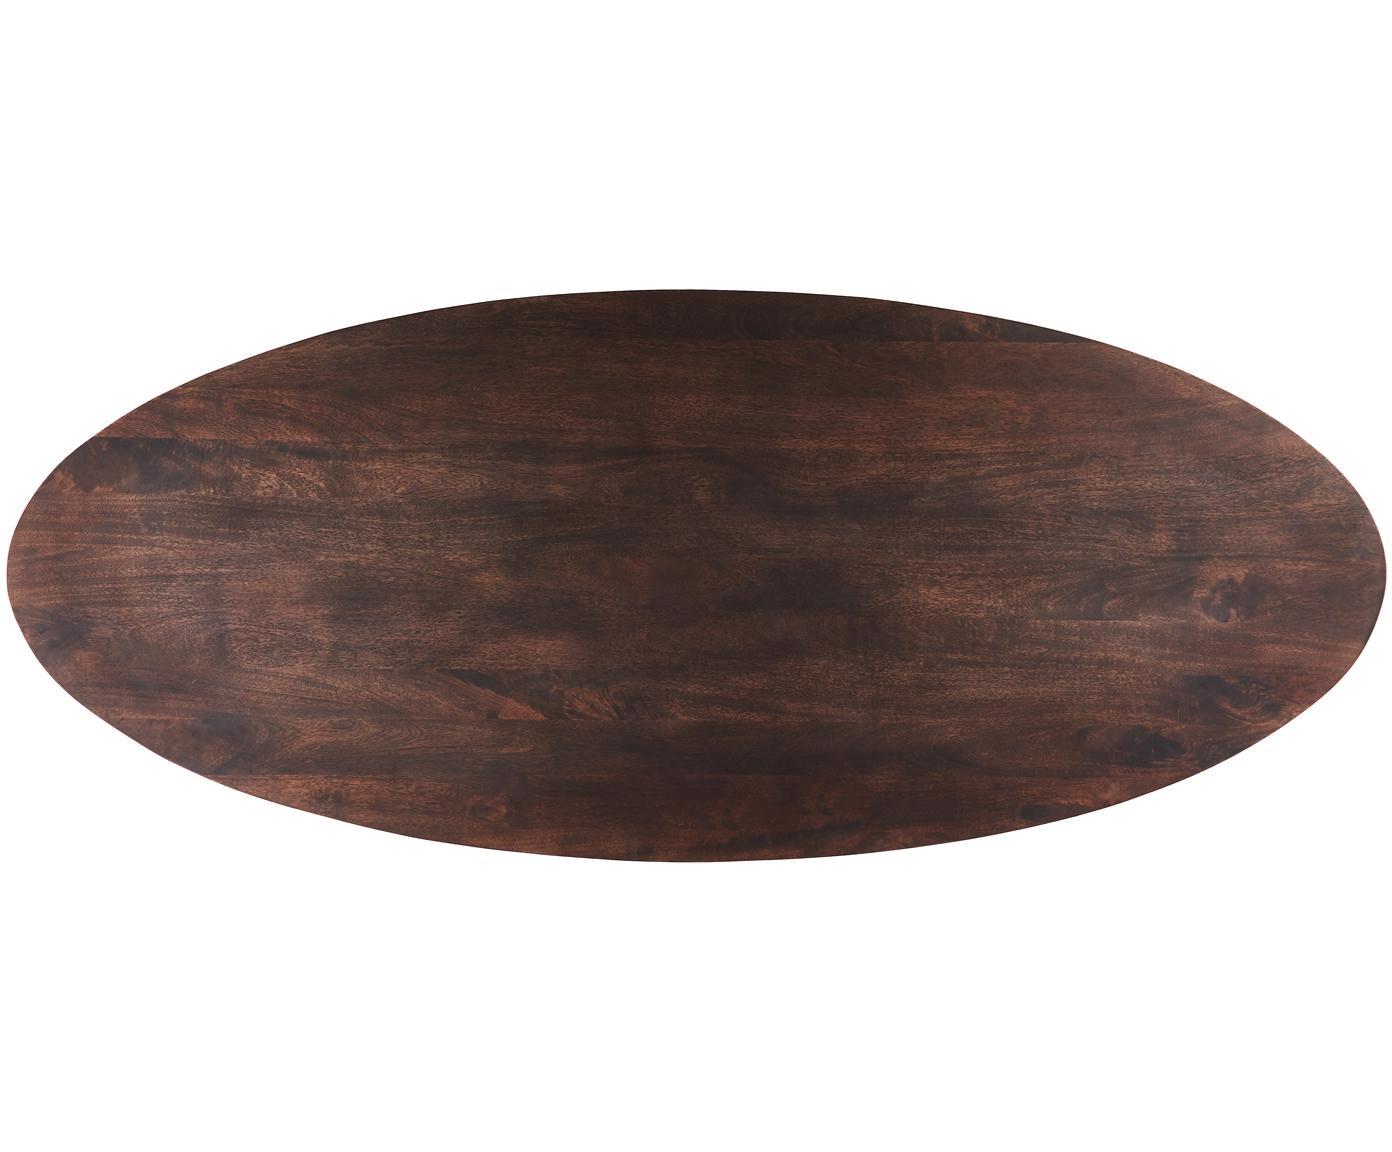 Owalny stół do jadalni Luca, Blat: drewno mangowe, Stelaż: metal powlekany, Blat: drewno mangowe, ciemny, lakierowany Stelaż: odcienie złotego, S 240 x G 100 cm